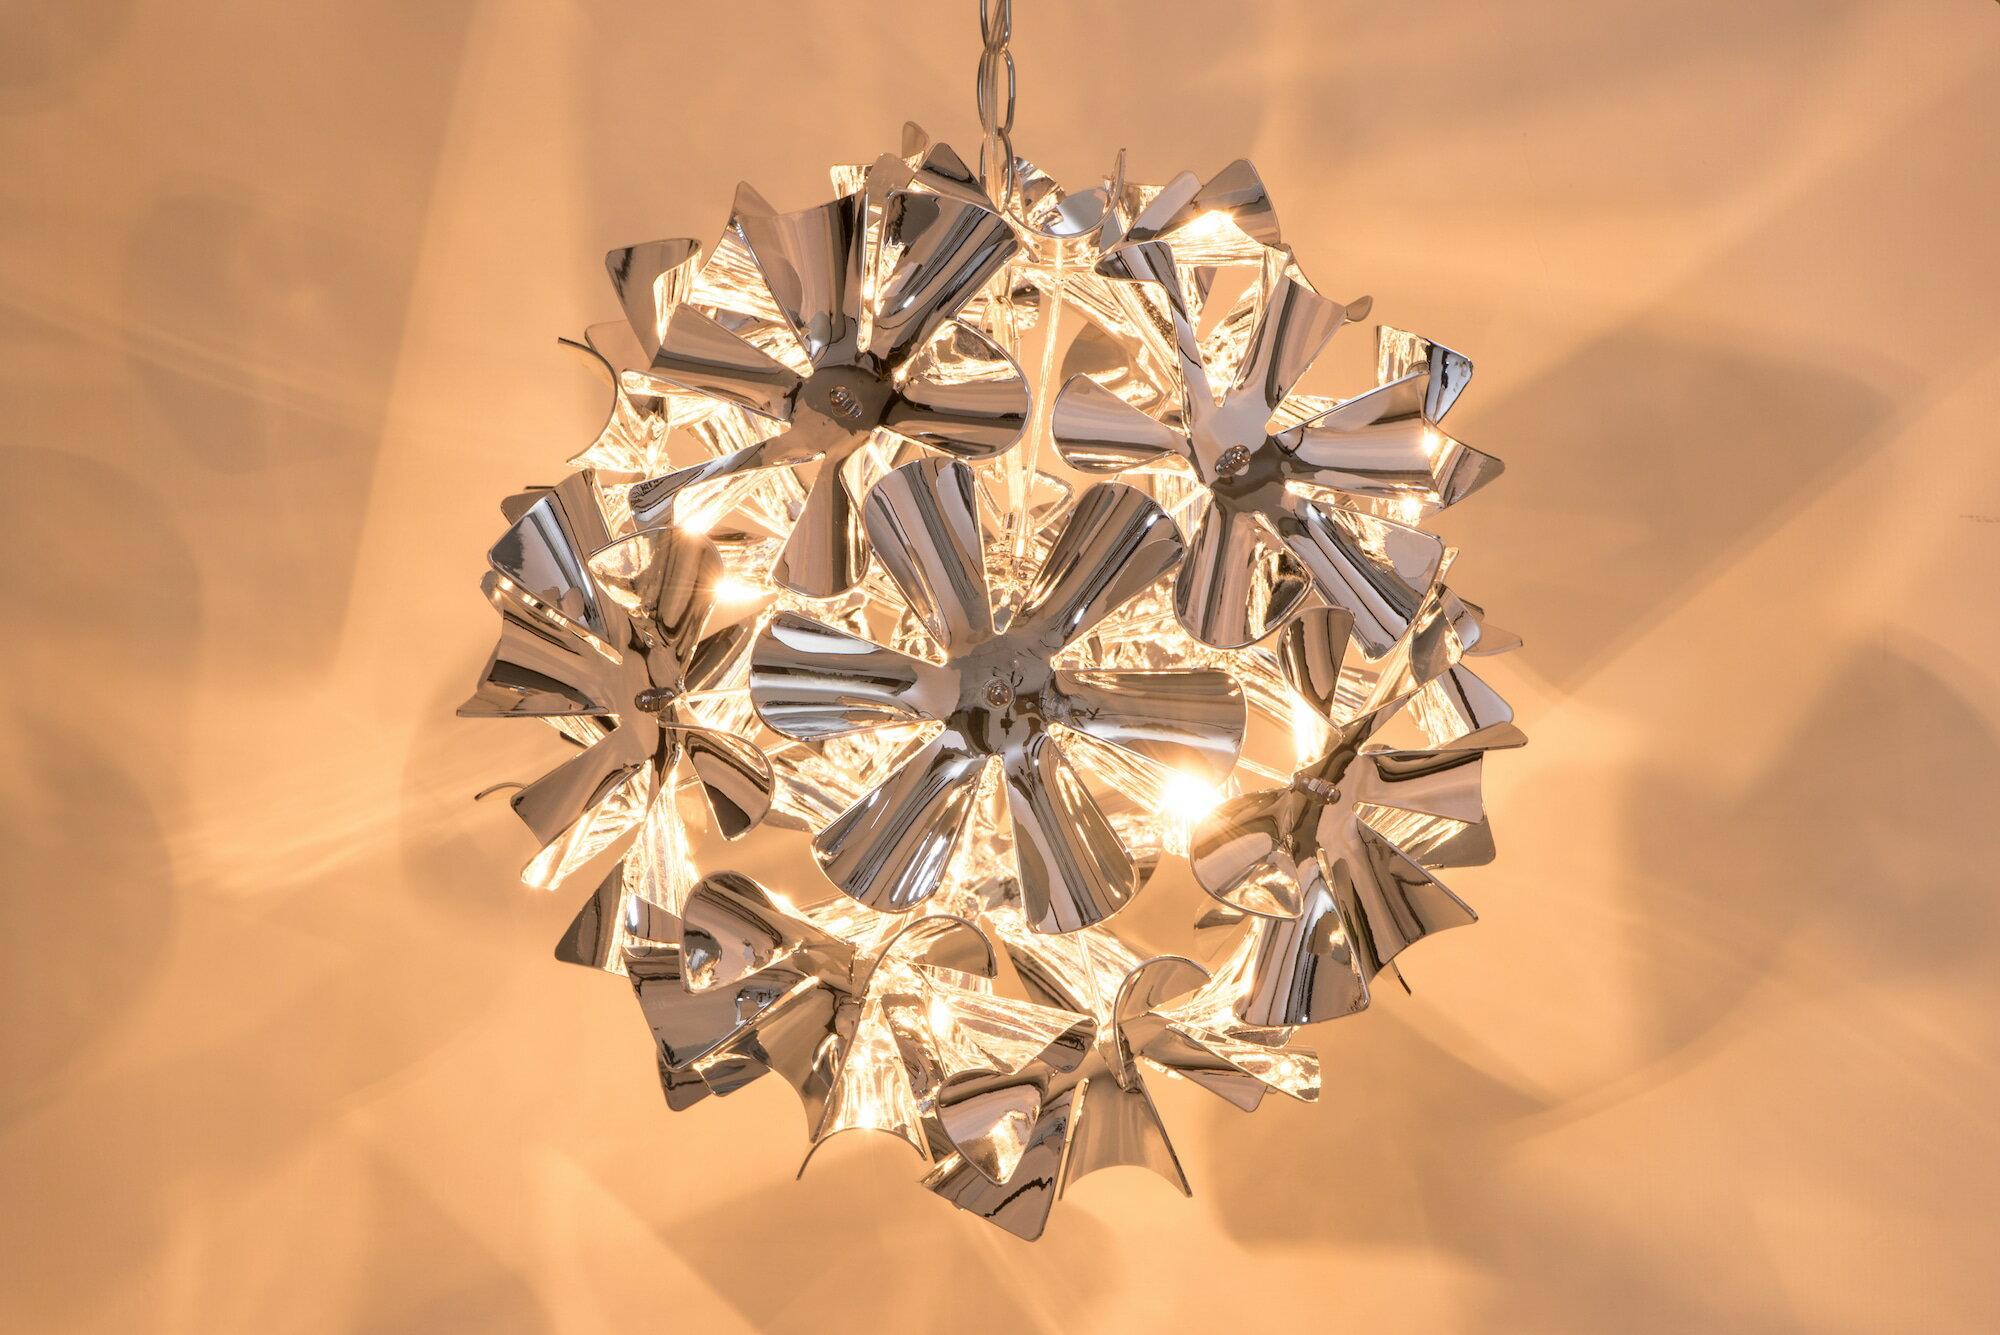 鍍鉻波浪花紋吊燈-BNL00052 6